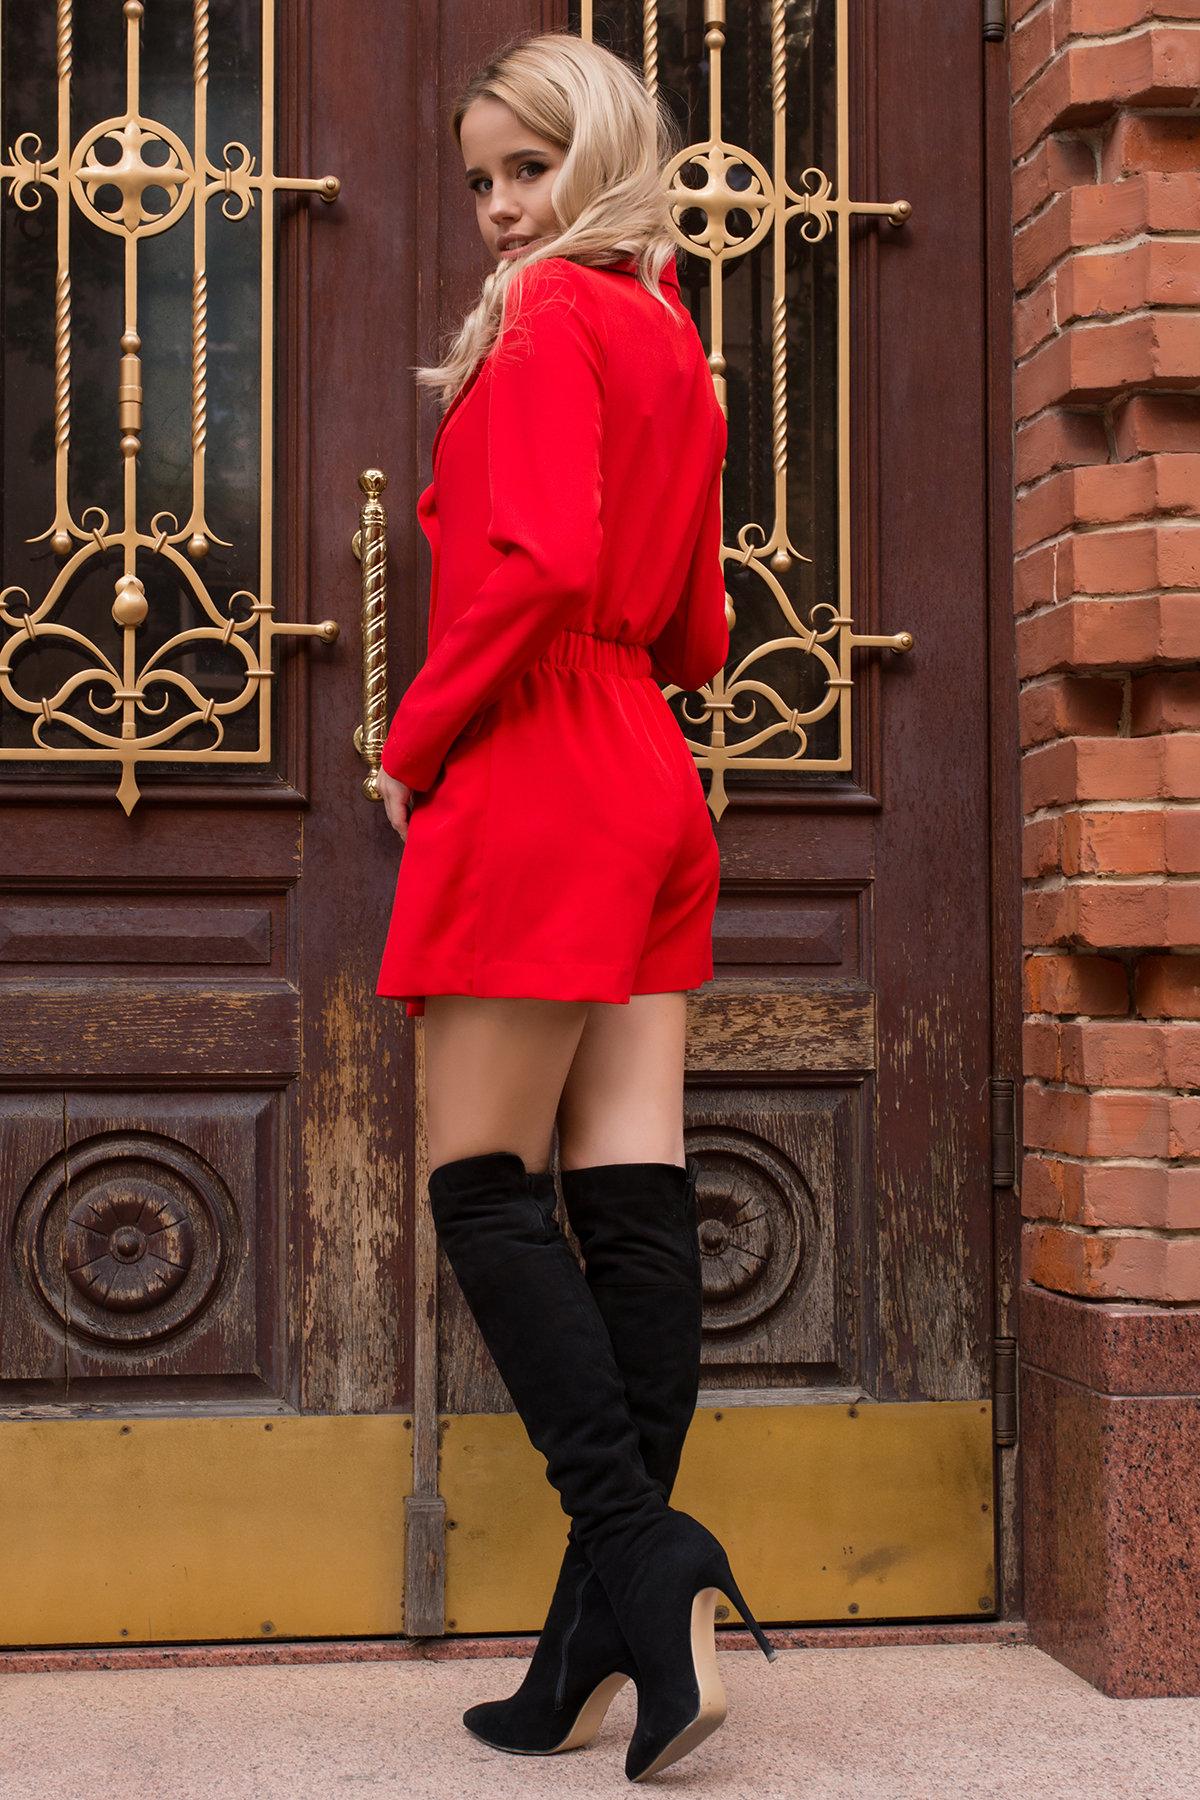 Оригинальный комбинезон Ламбр 8007 АРТ. 44003 Цвет: Красный - фото 3, интернет магазин tm-modus.ru